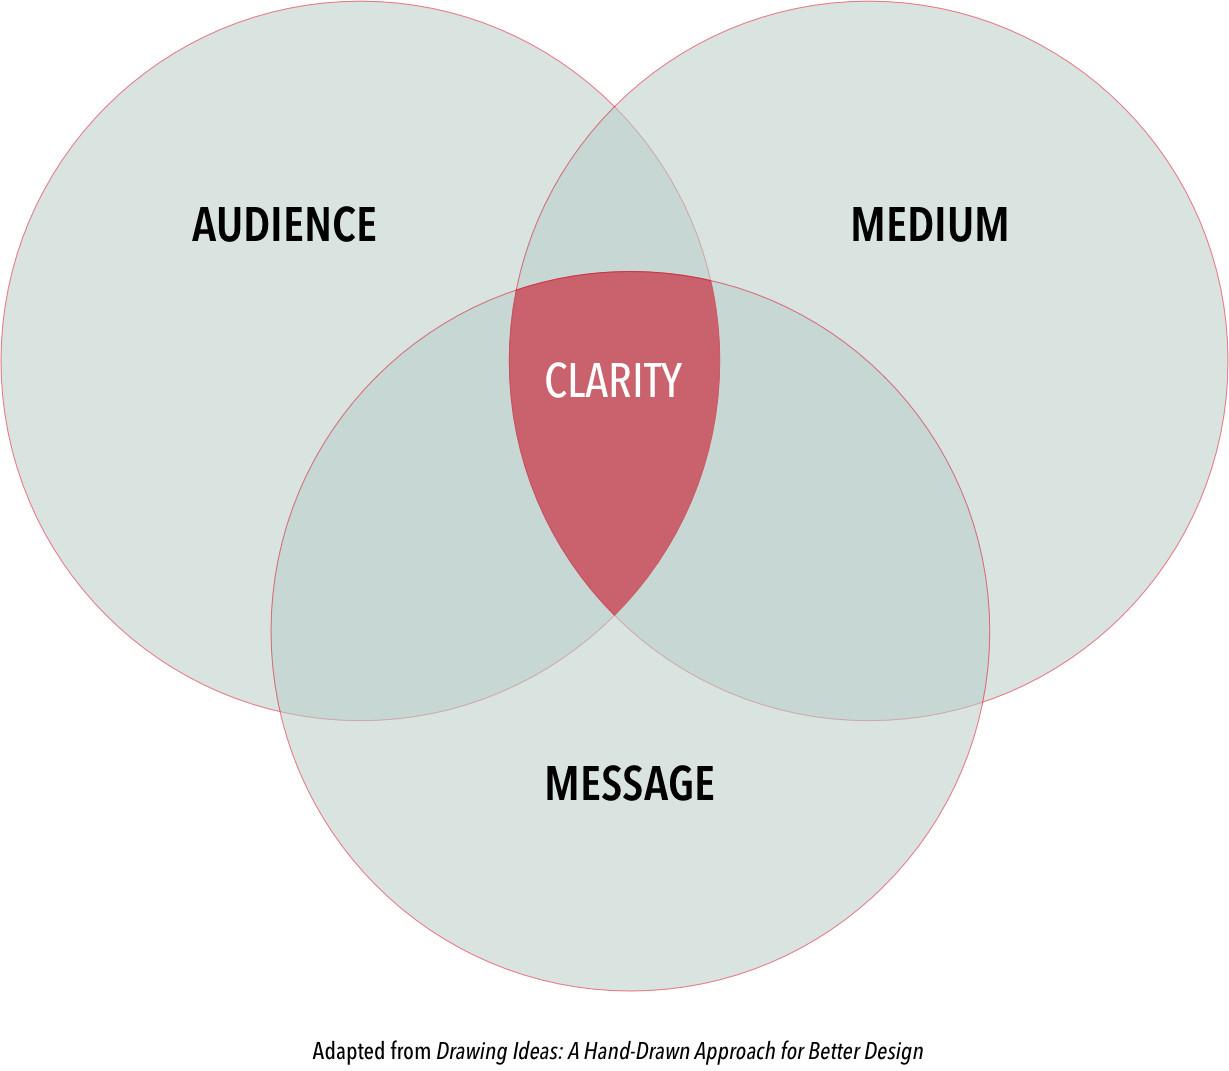 audience medium message.jpeg